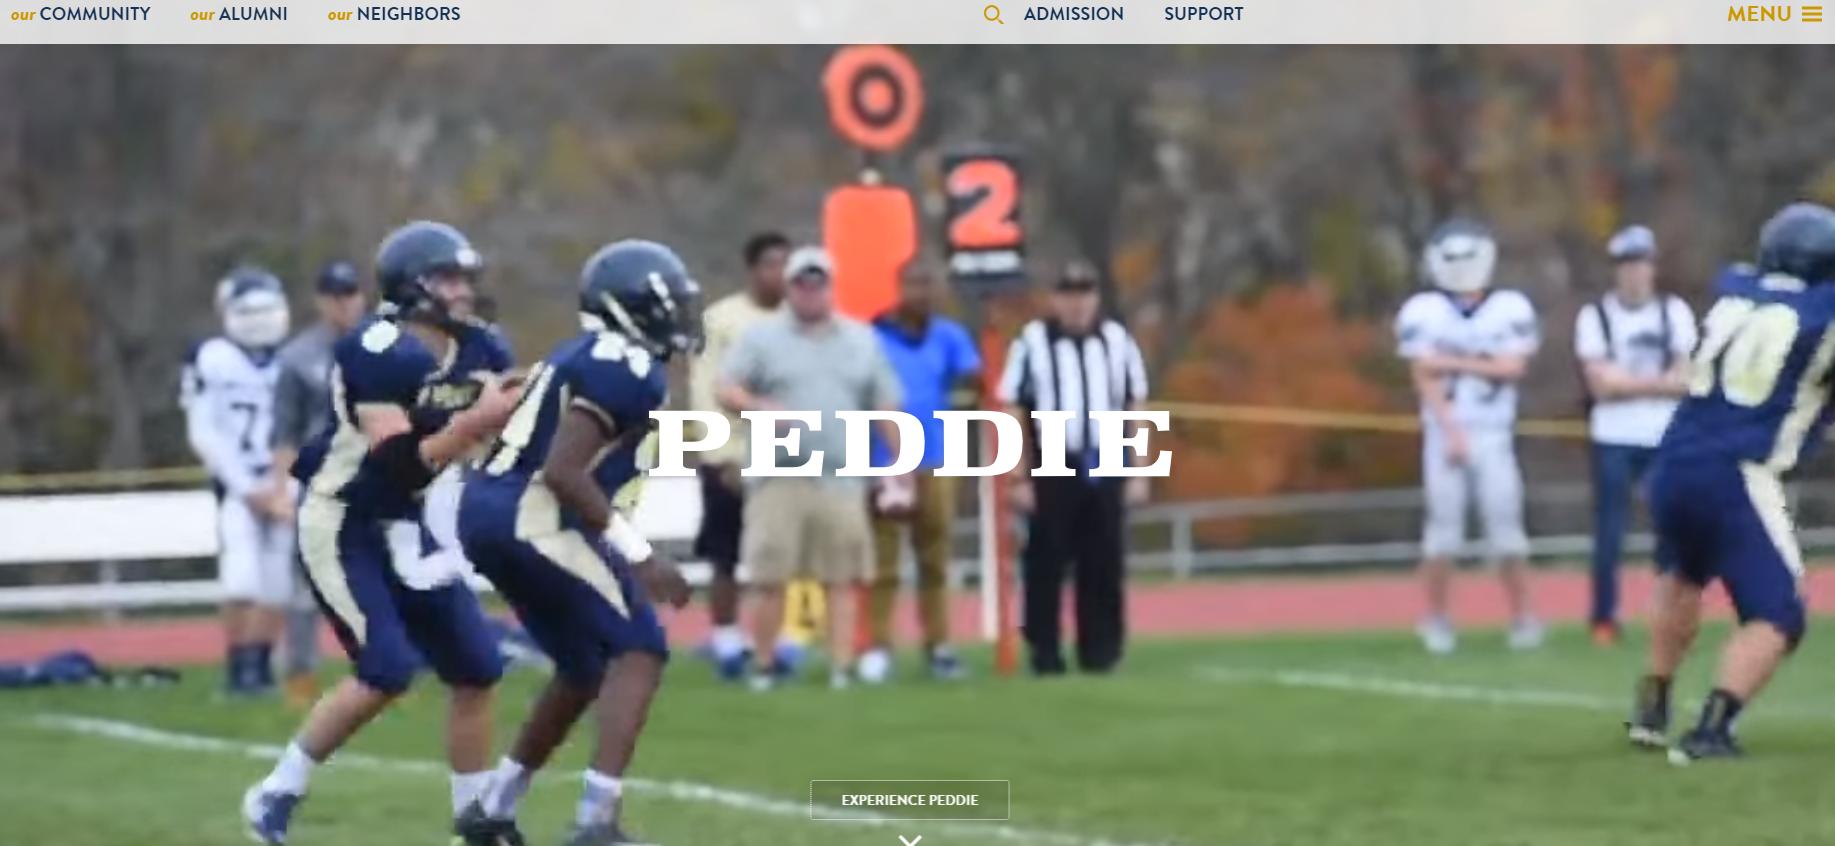 佩迪高中官网 The Peddie School